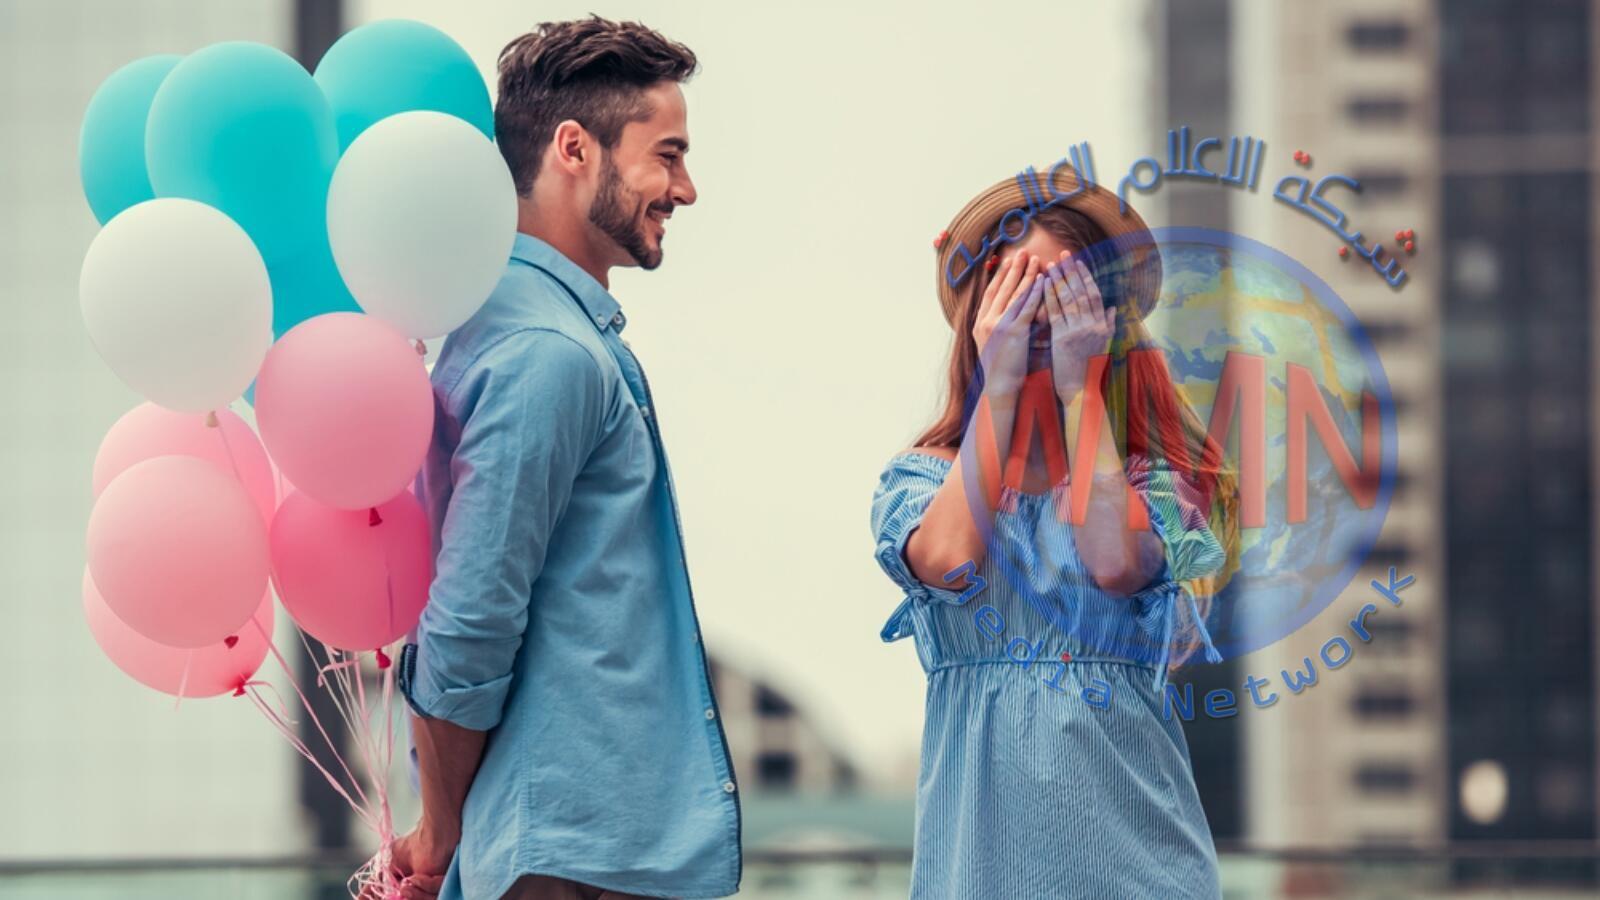 كيف يمكن استعادة حب زوجك من جديد؟